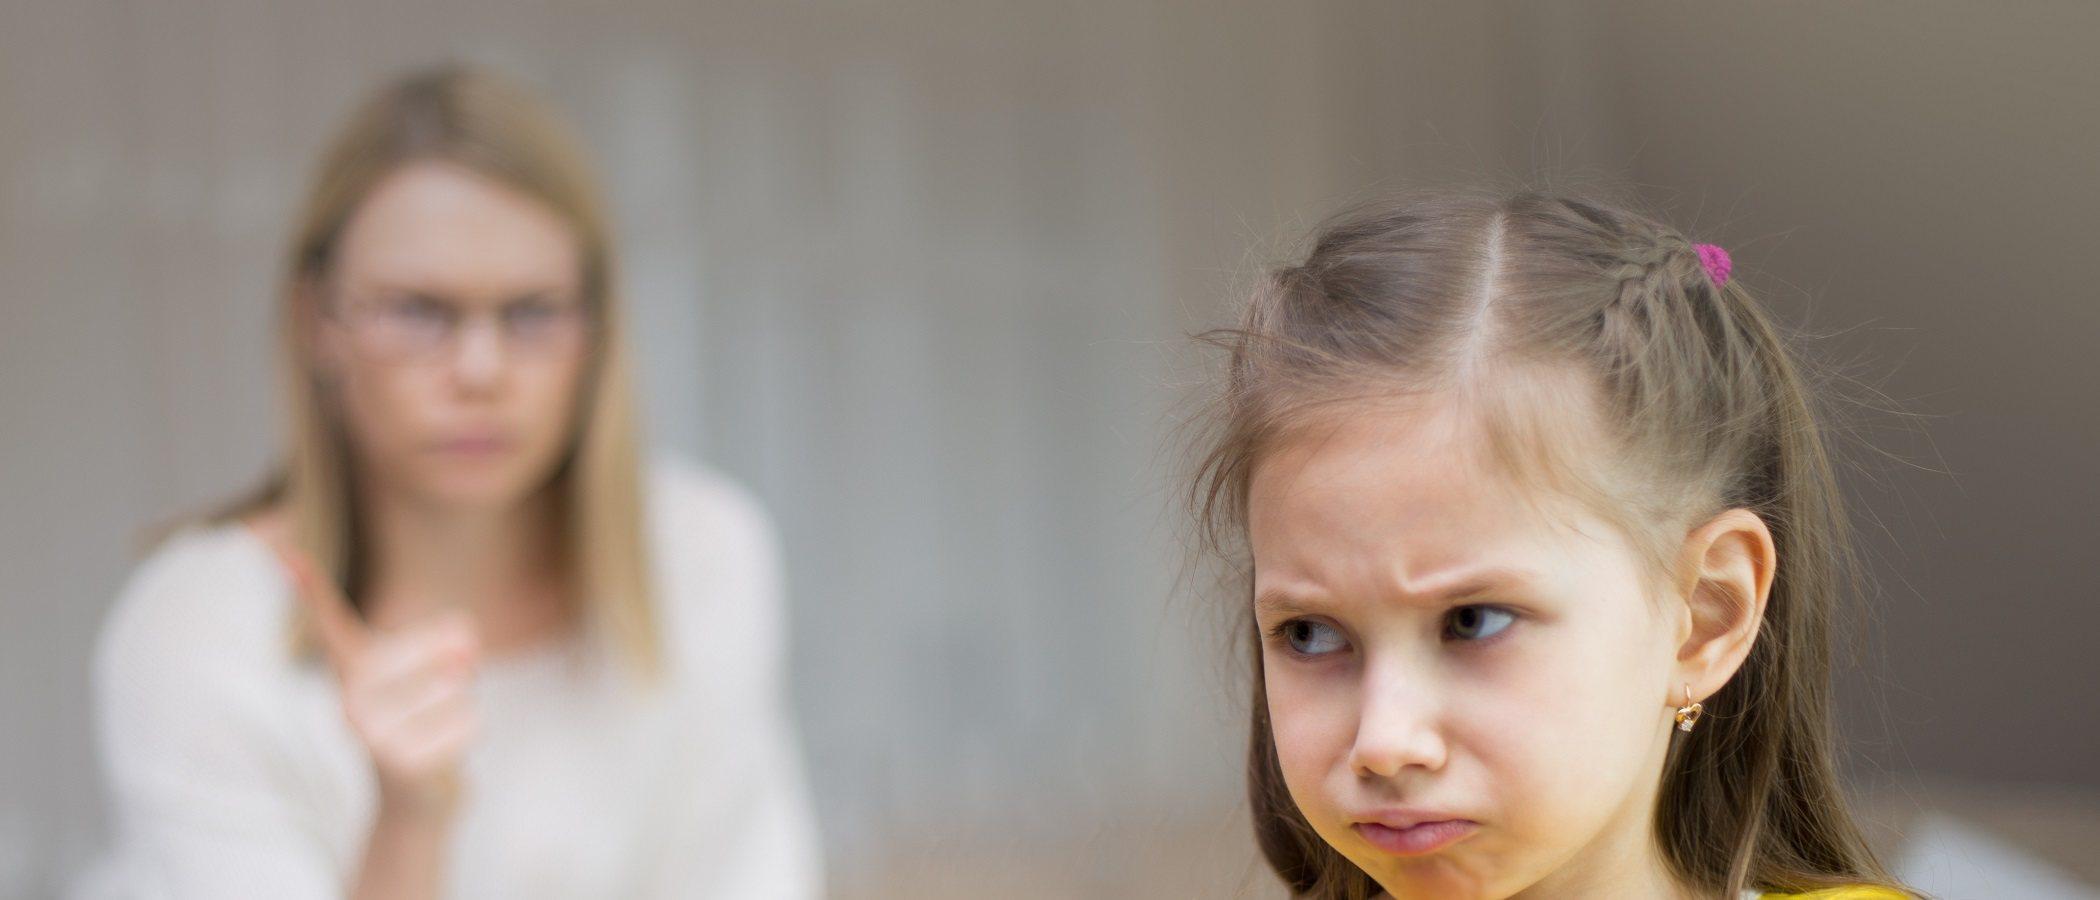 Señales de que un niño tiene un comportamiento manipulador